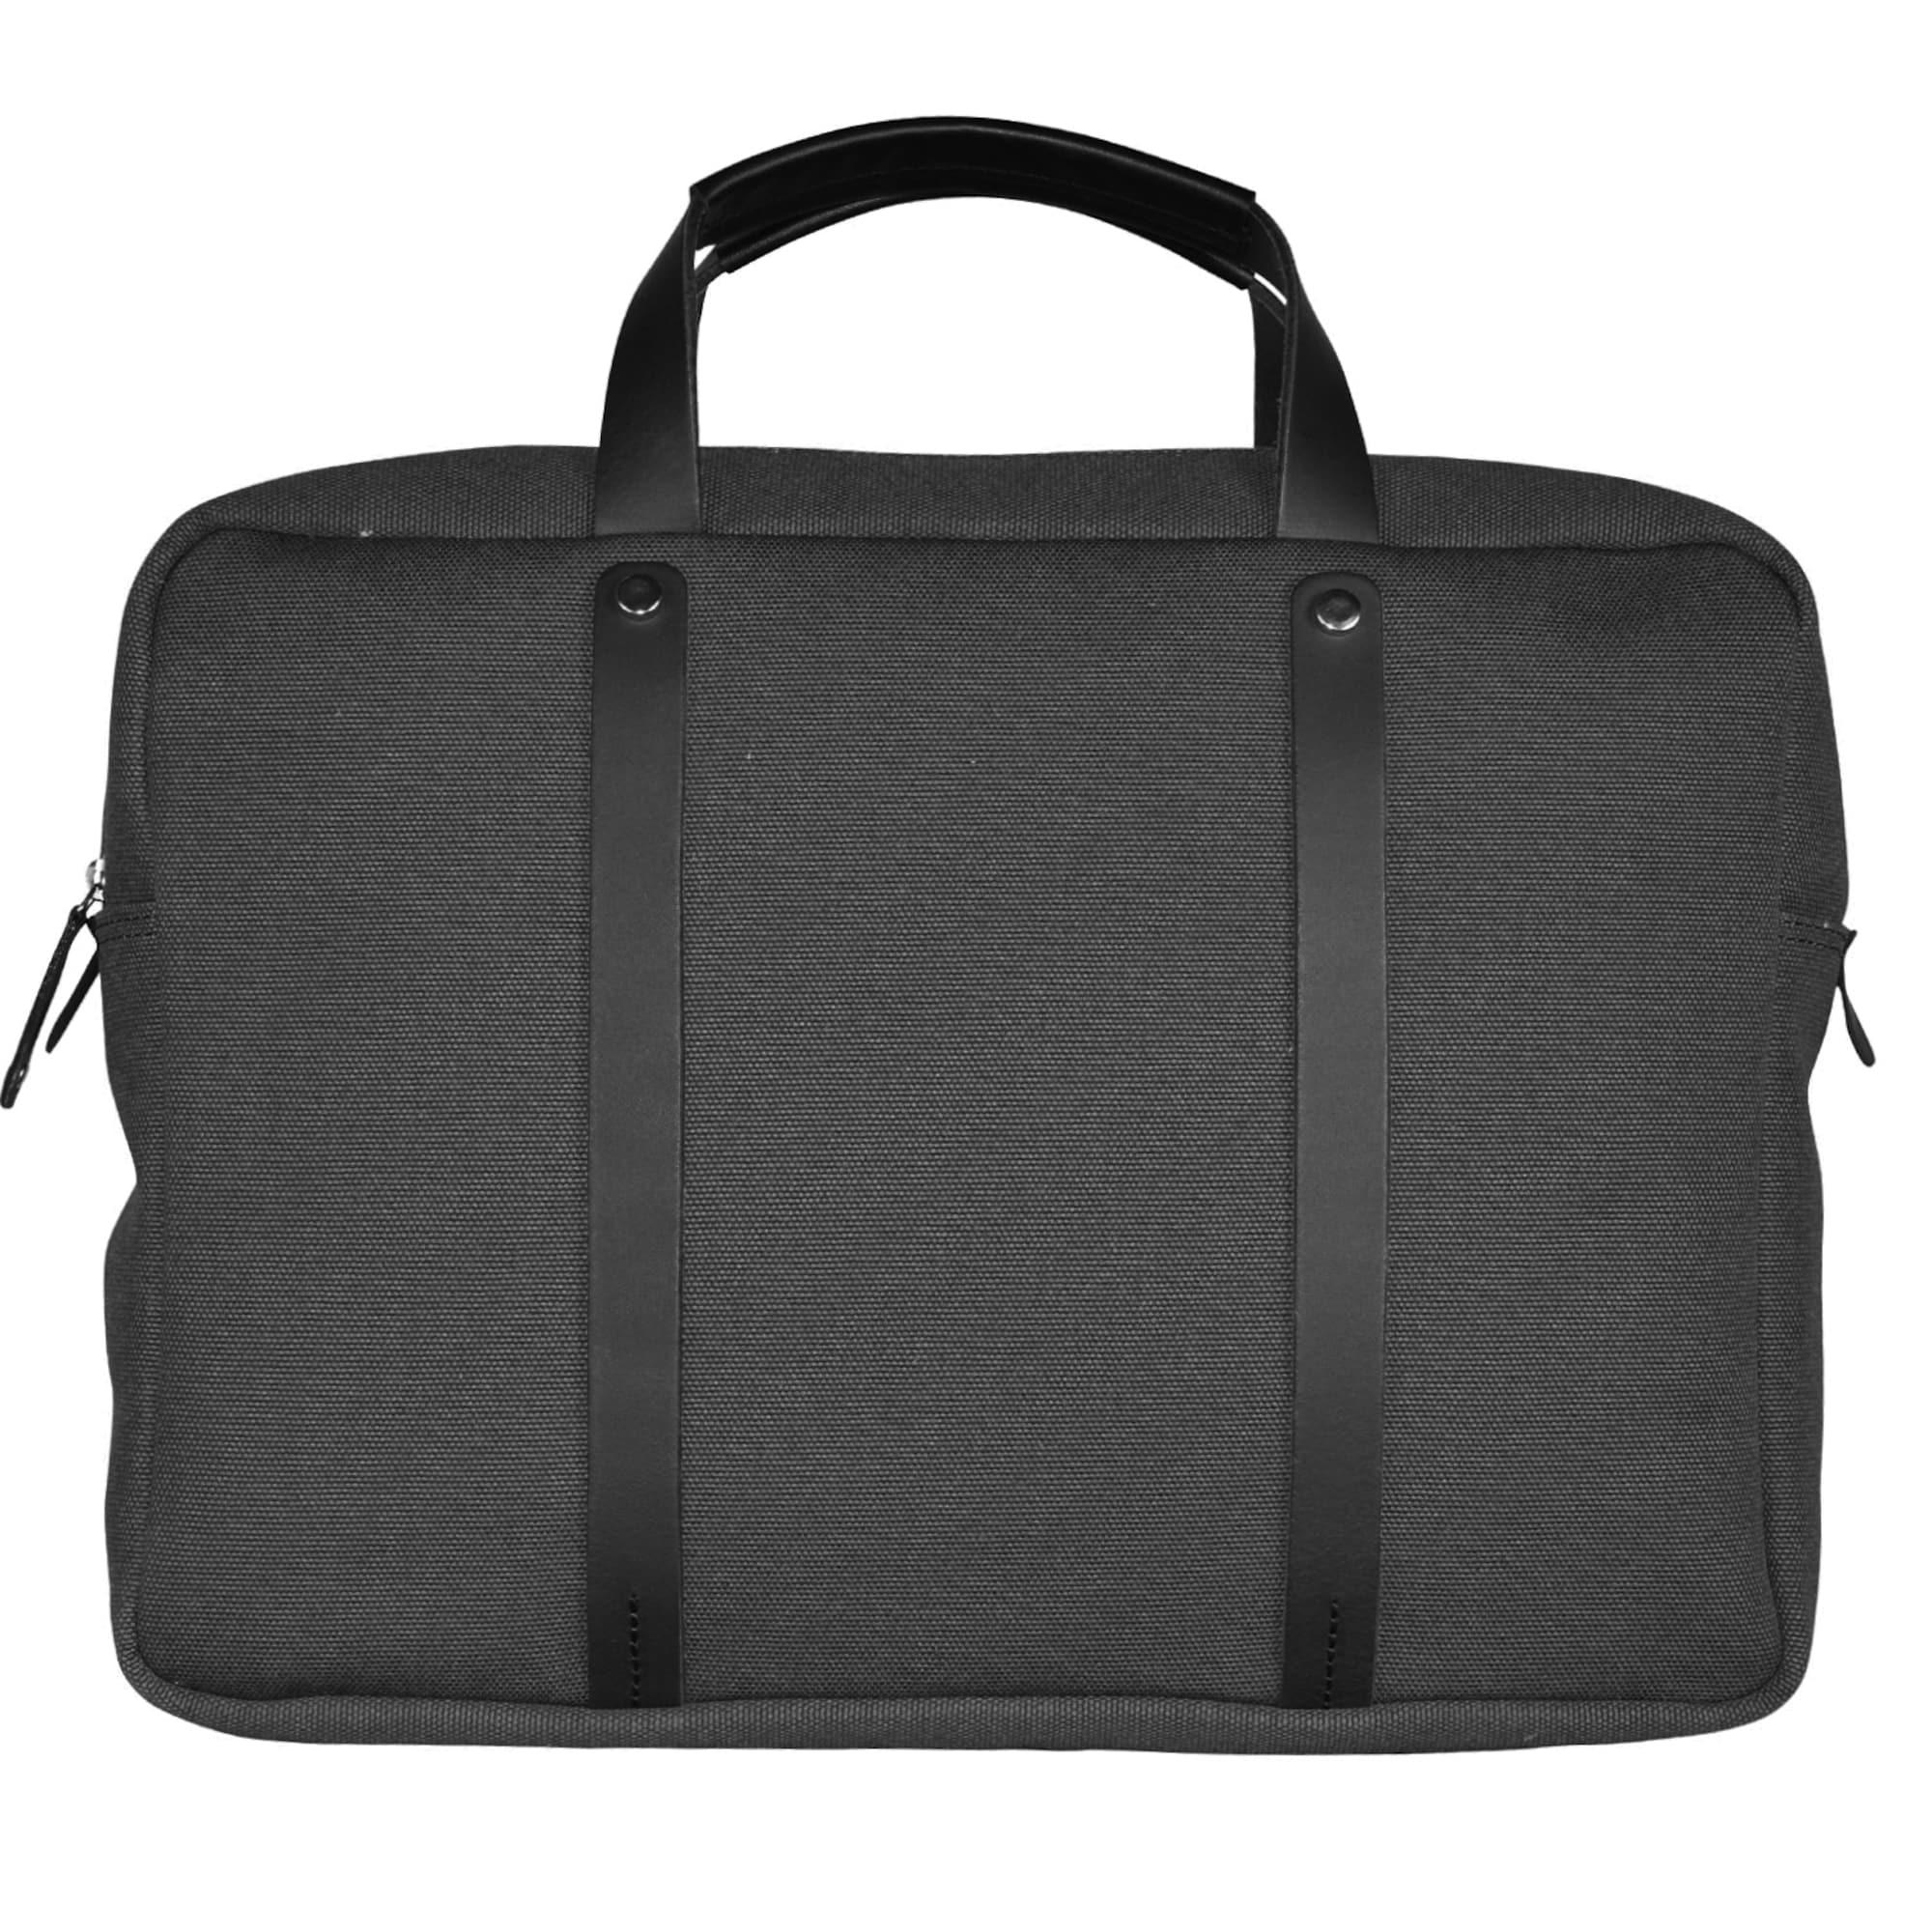 Laptoptasche 'Lund' | Taschen > Business Taschen | Schwarz | Jost